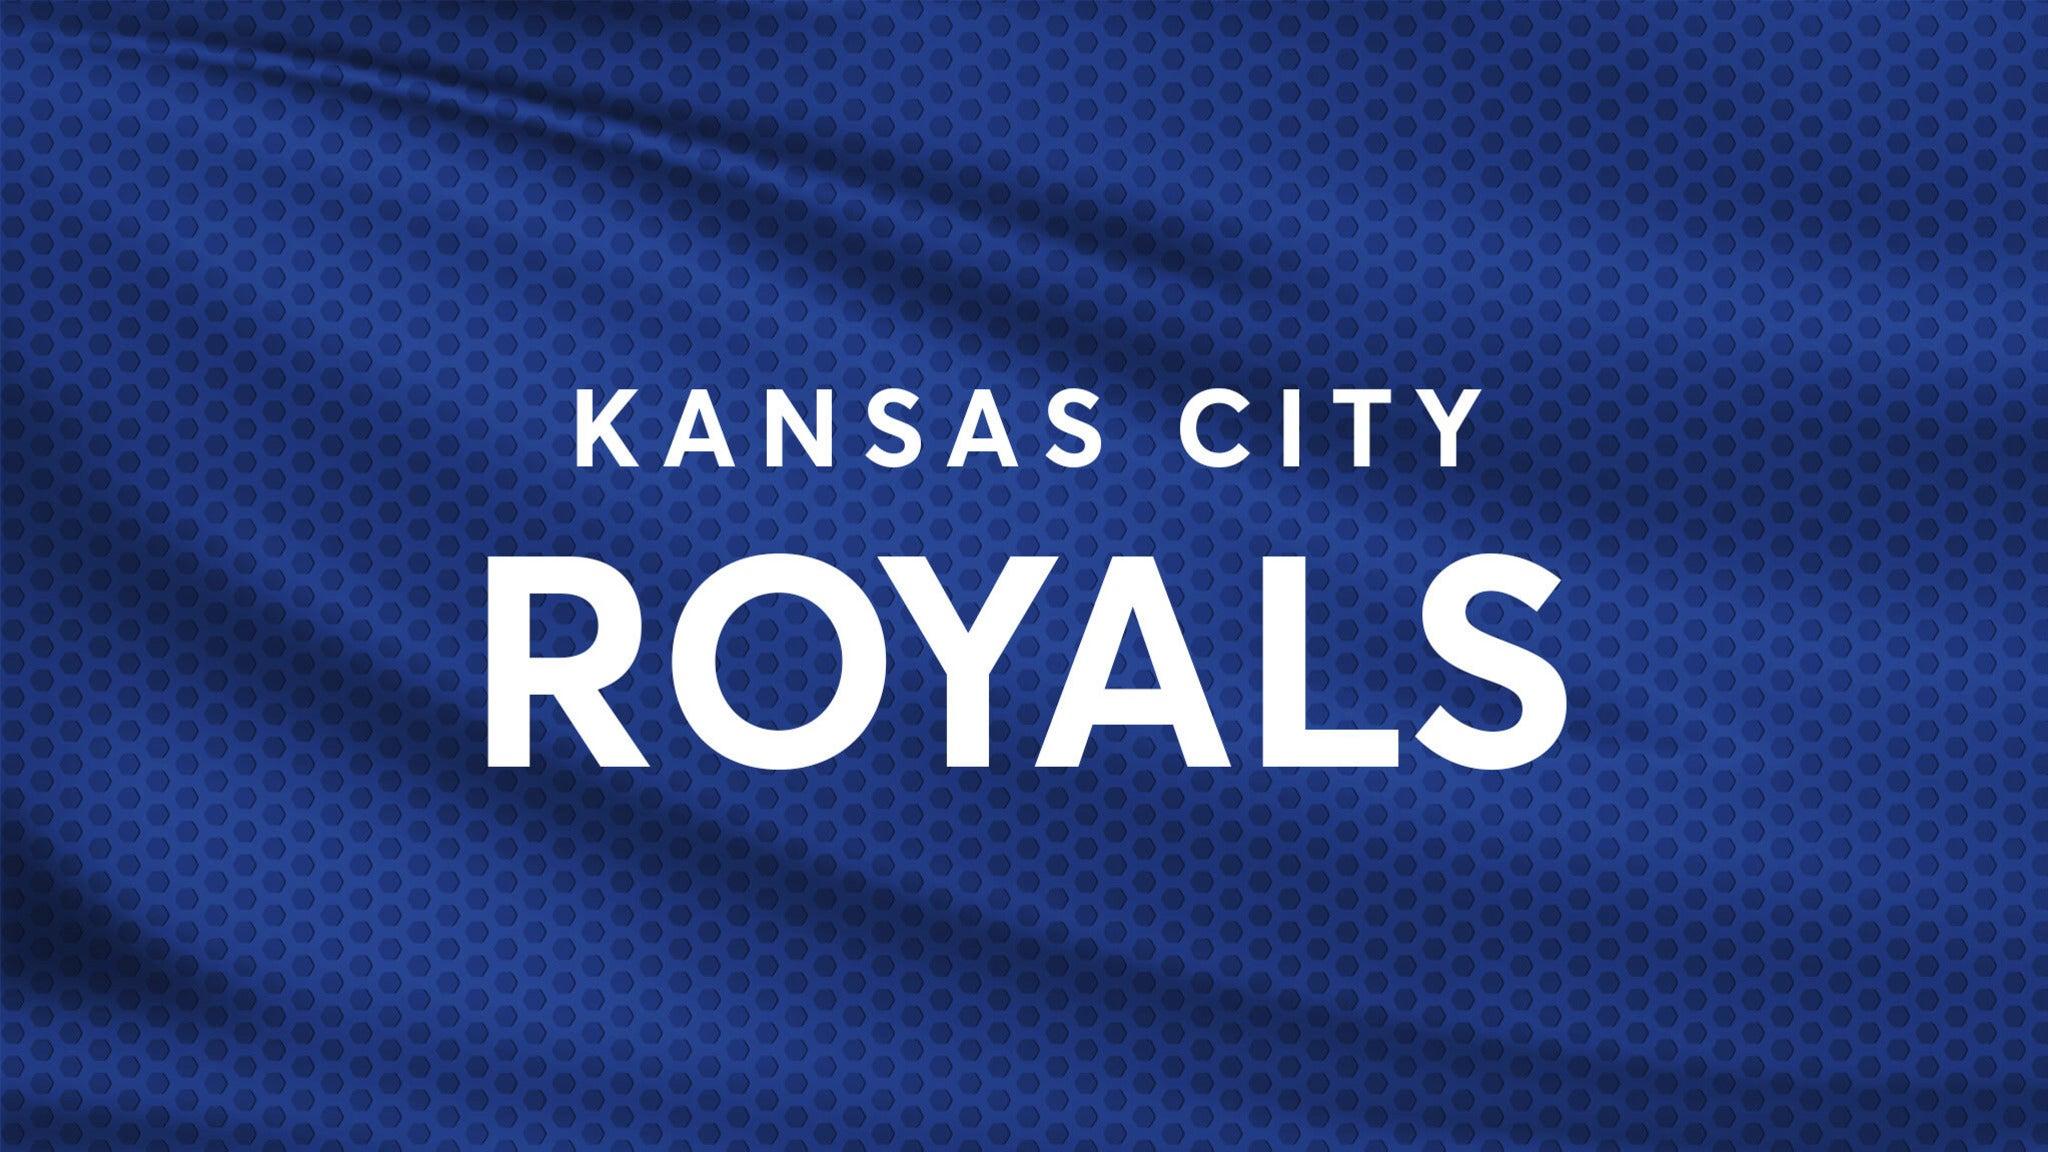 $49,500,000 Lands SP Zink for Royals